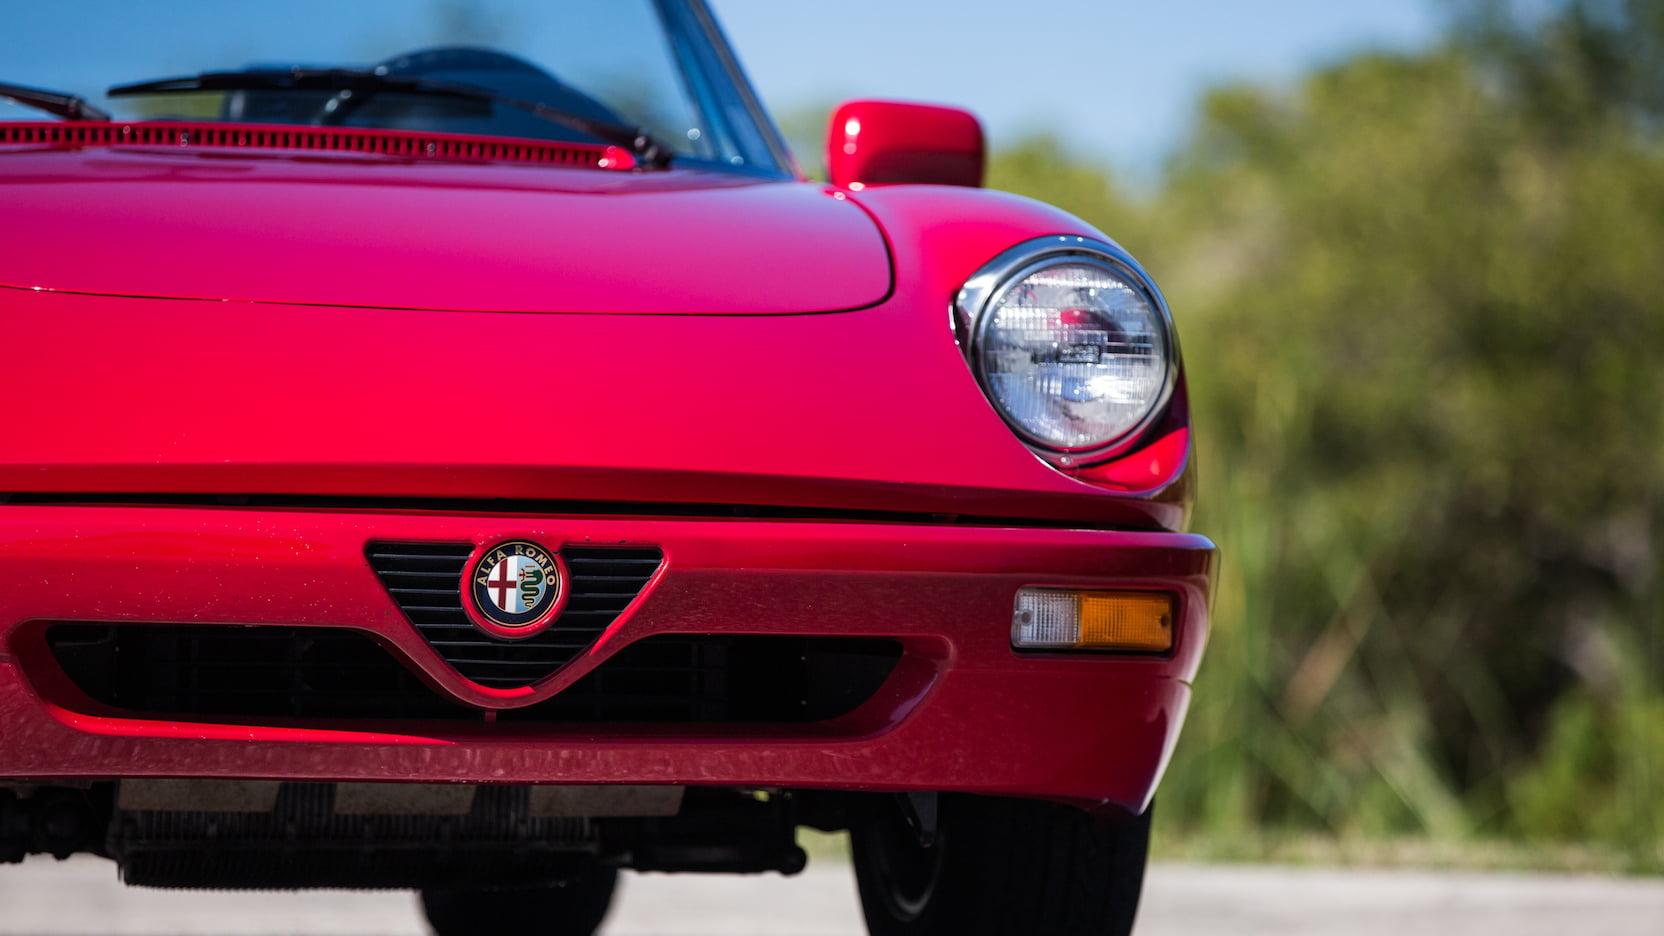 1992 Alfa Romeo Spider nose